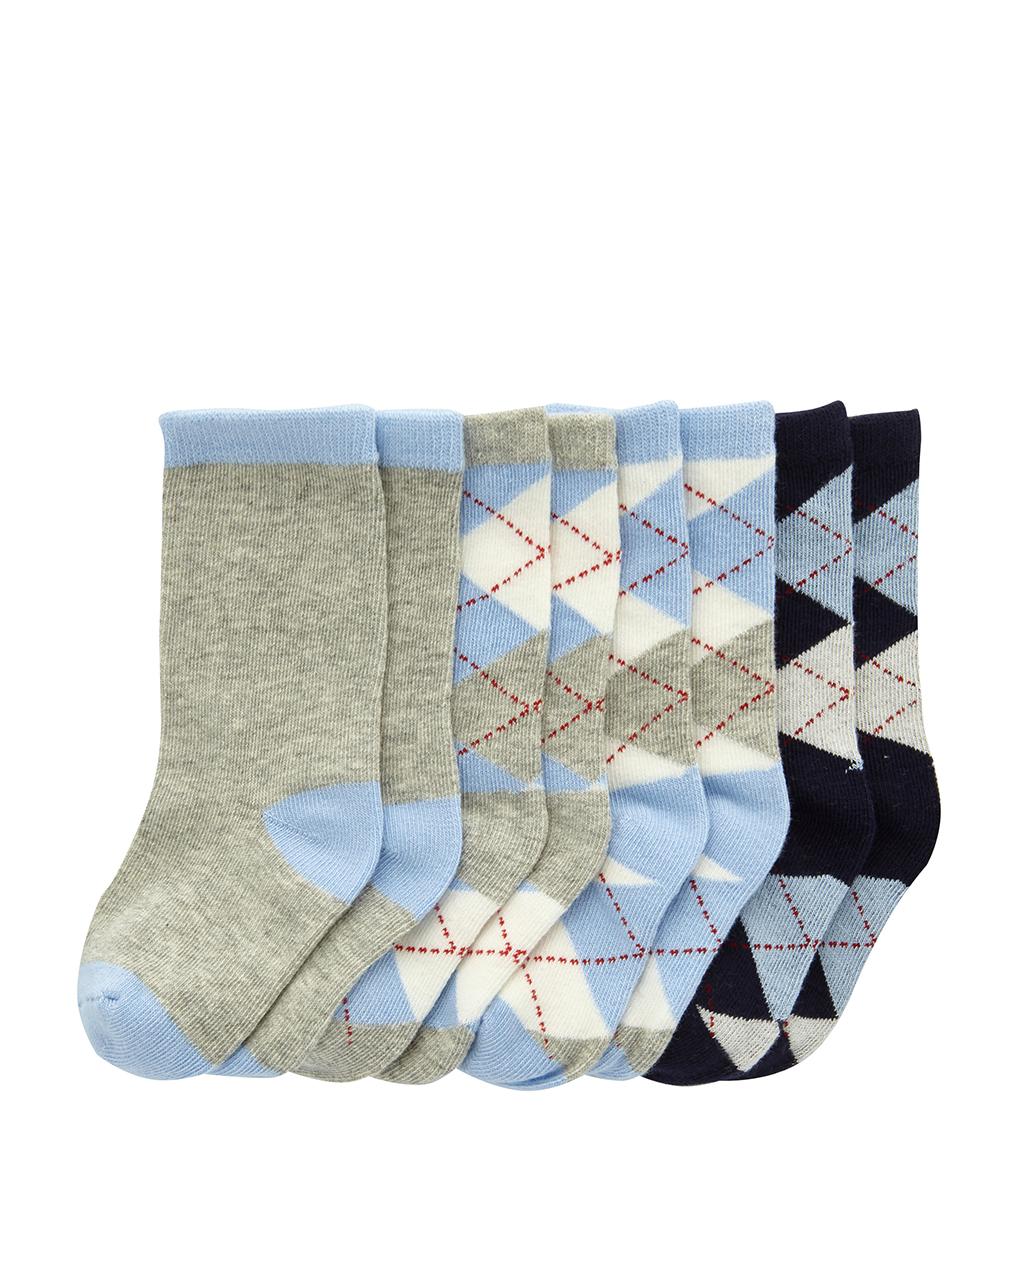 Κάλτσες με Σχέδια Πακέτο x4 για Αγόρι